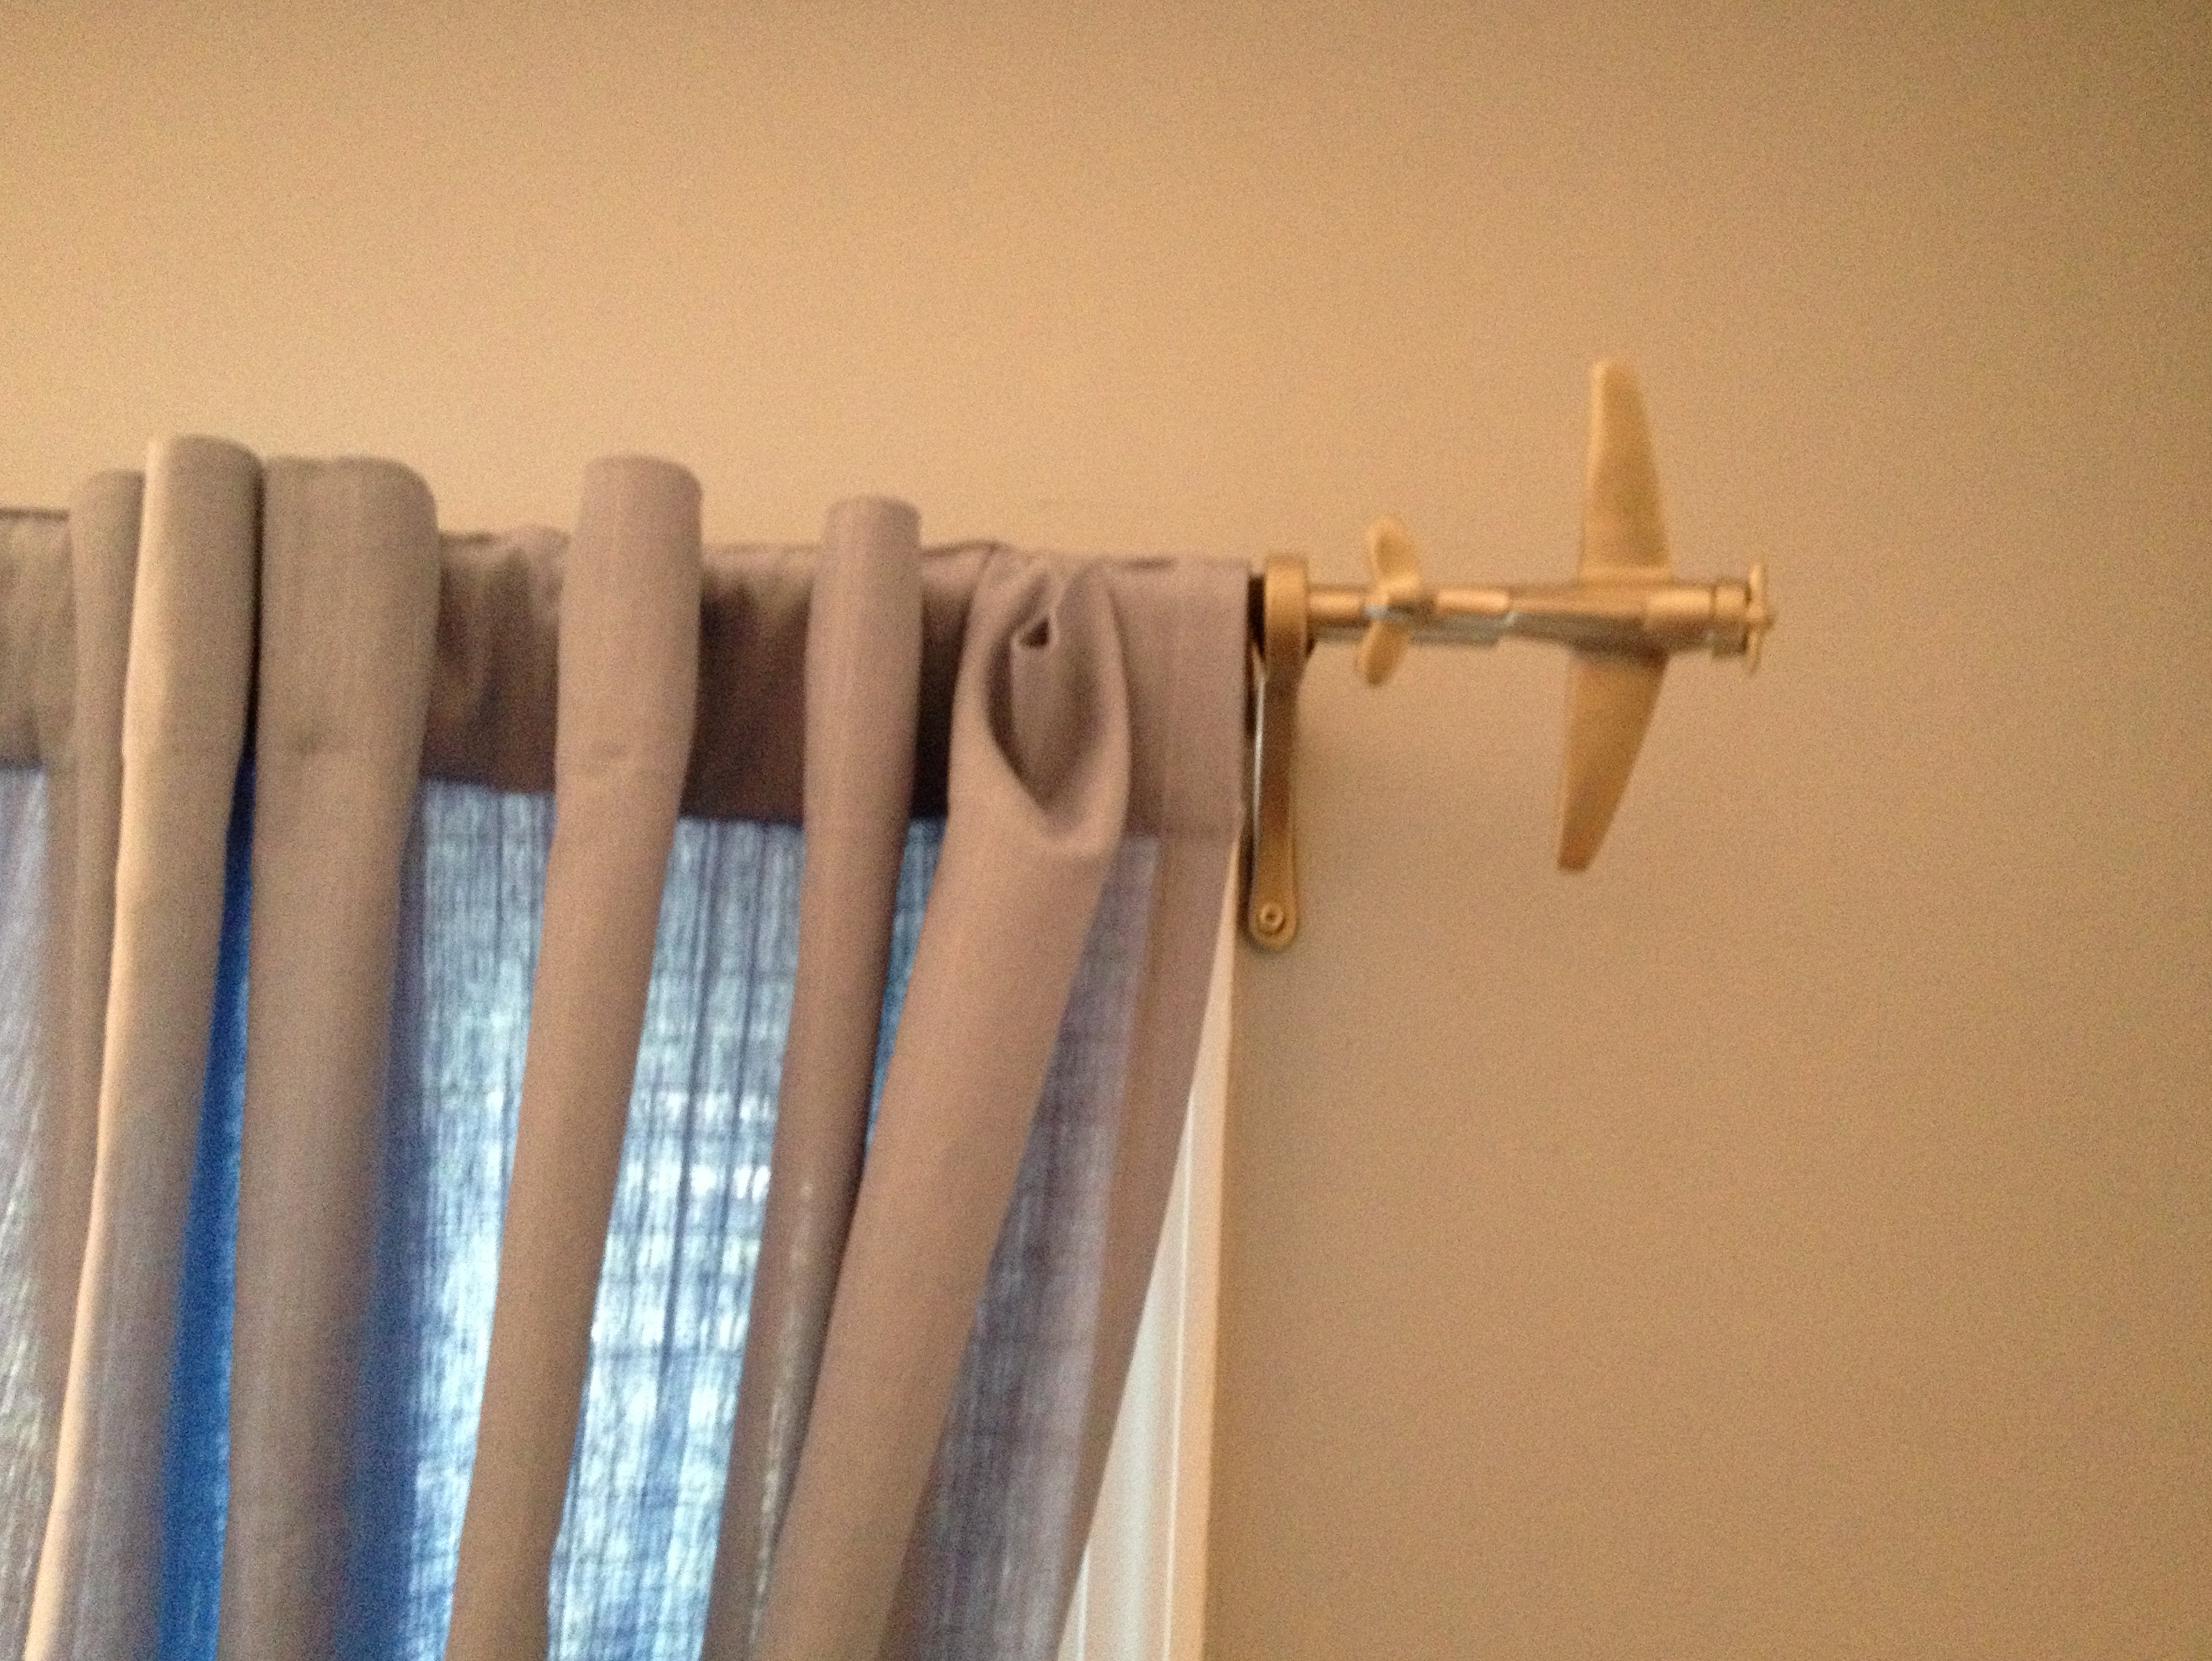 Pottery Barn Curtain Rod Instructions